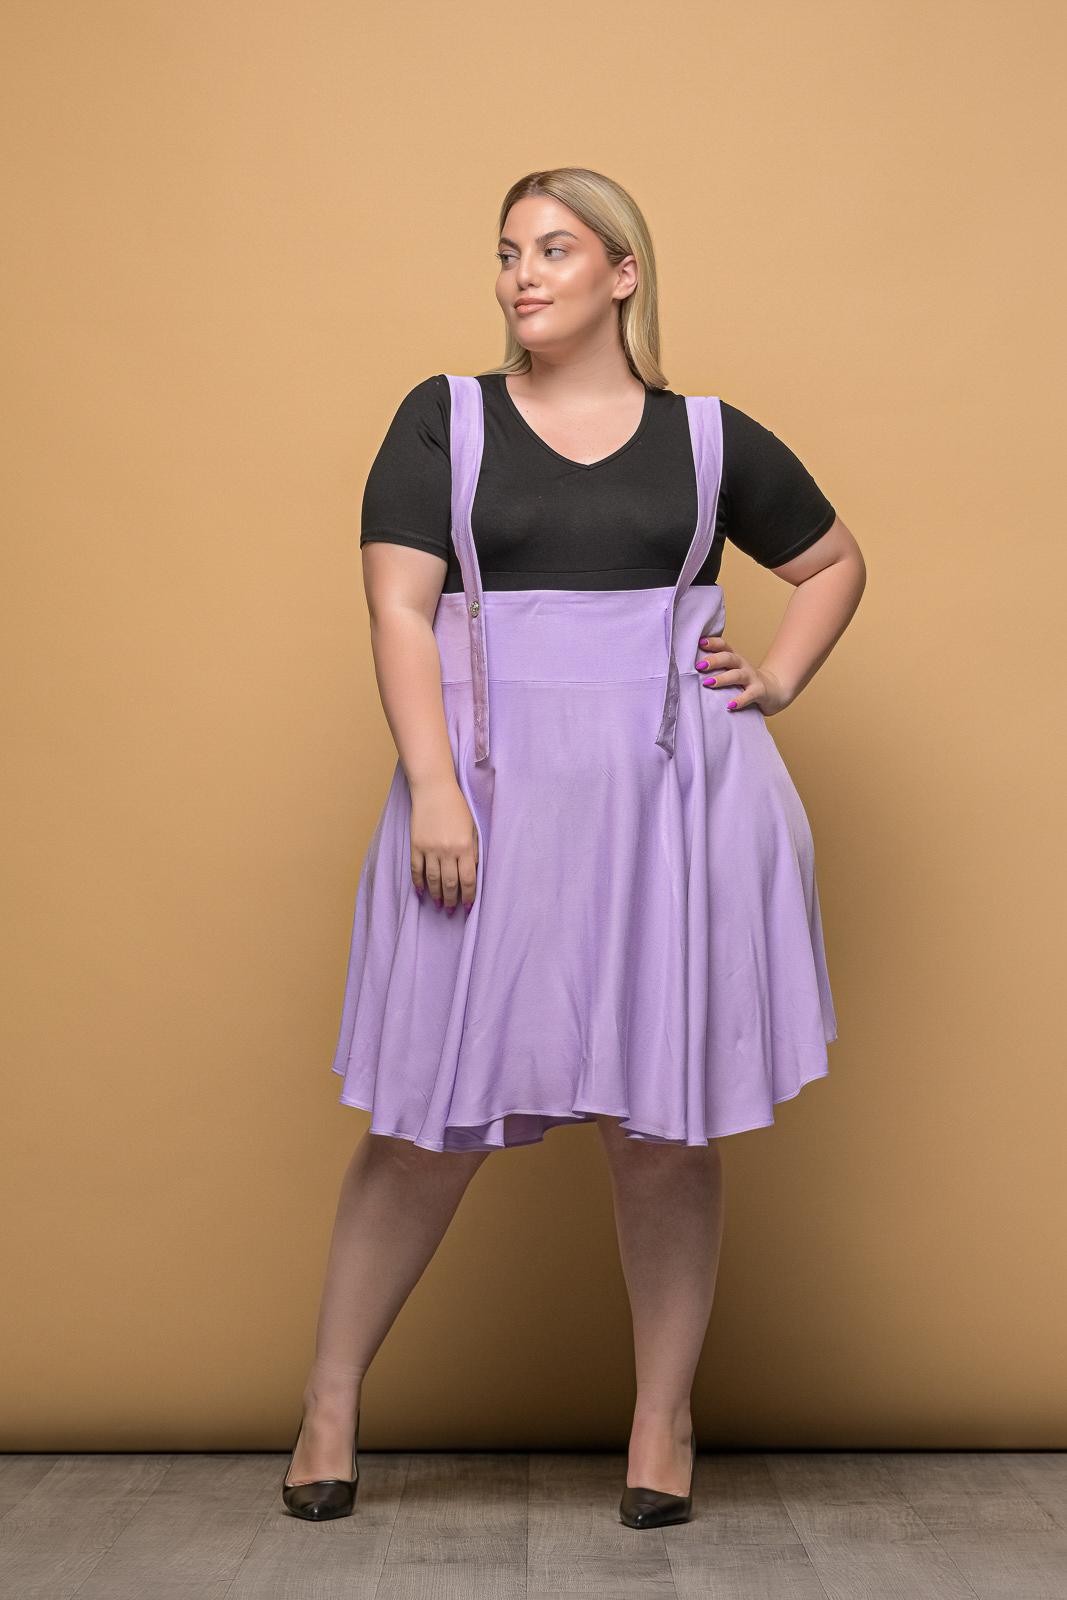 Φούστα μεγάλα μεγέθη λιλά με μπάσκα,τιράντες και φερμουάρ.Στο eshop μας θα βρείτε οικονομικά γυναίκεια ρούχα σε μεγάλα μεγέθη και υπερμεγέθη.